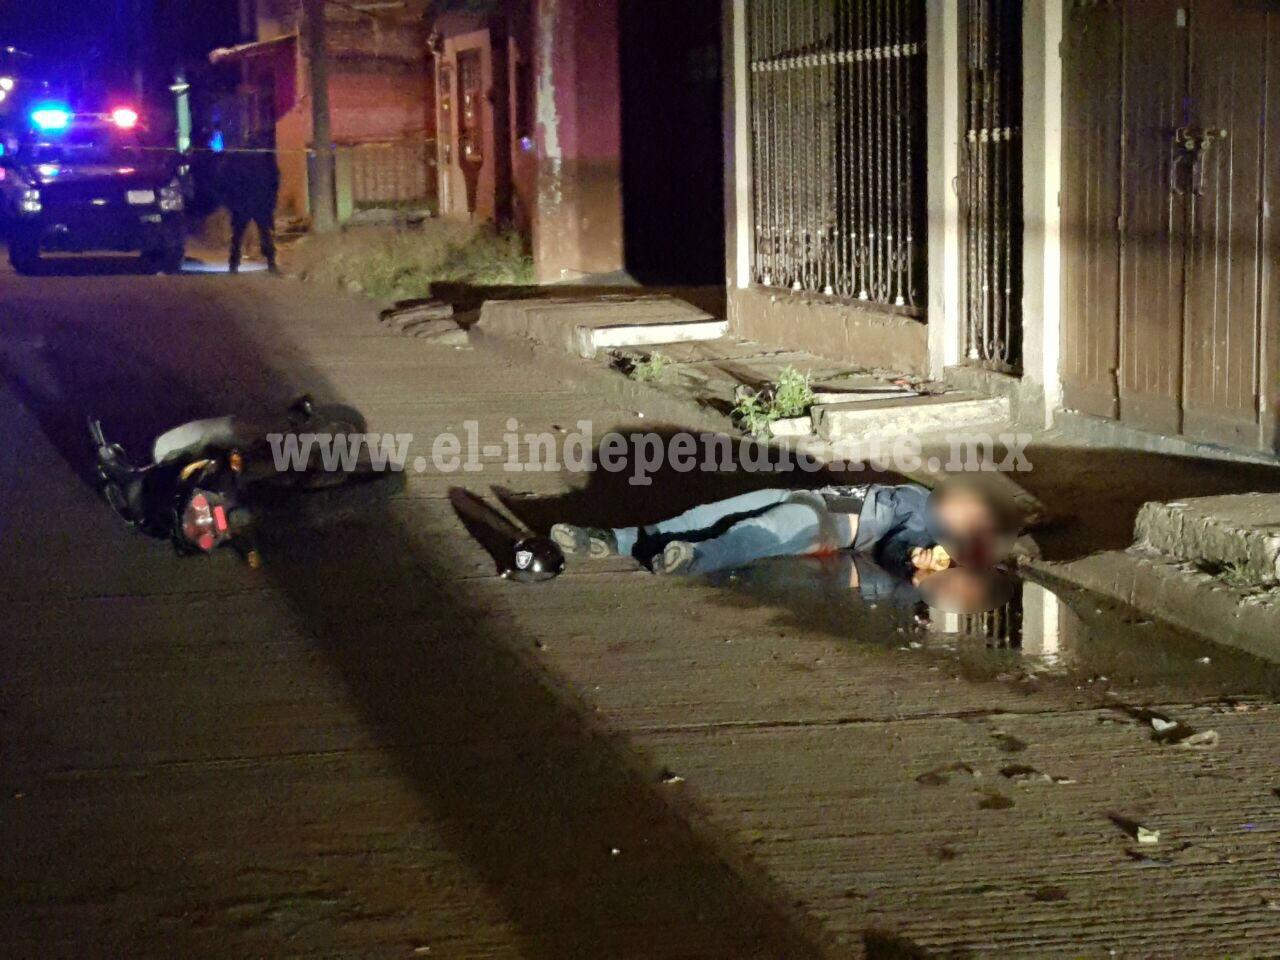 Joven mujer es muerta a balazos cuando se dirigía a trabajar en Zamora